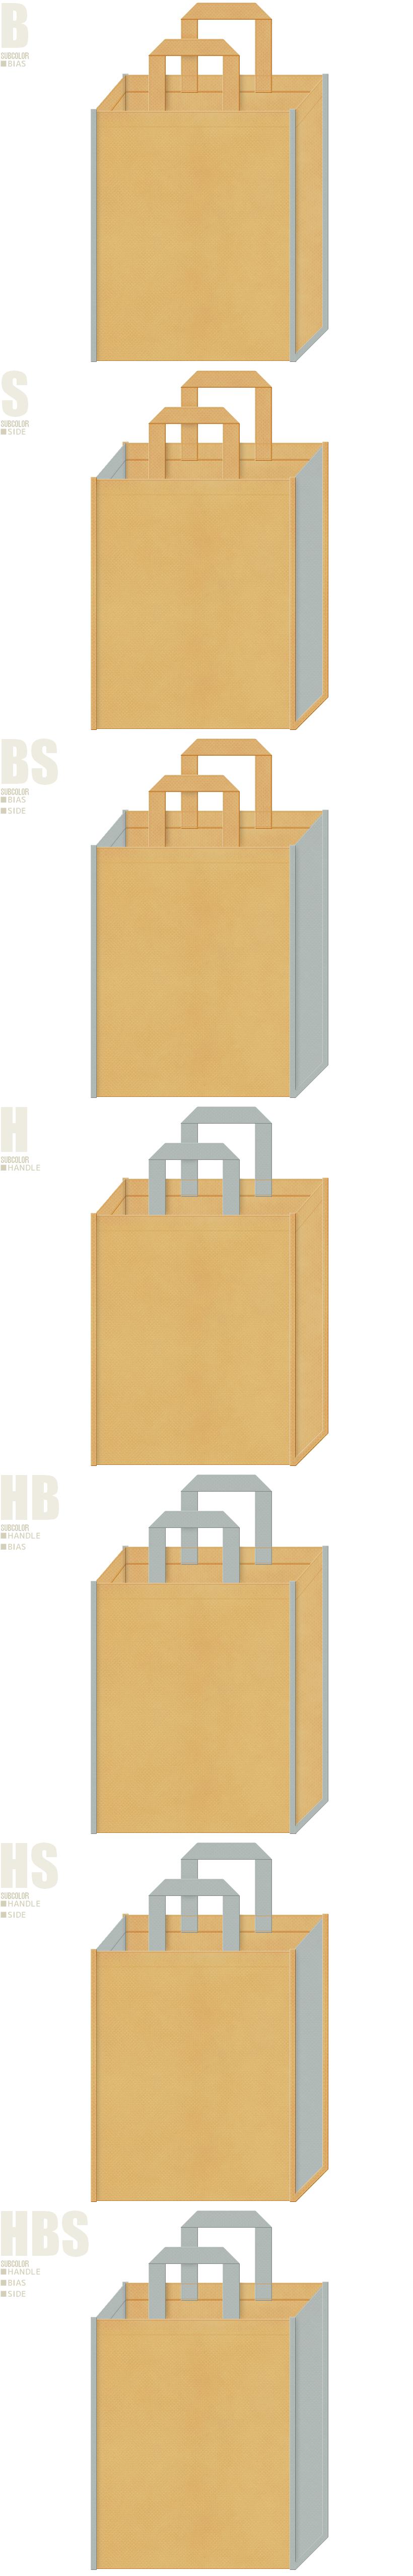 薄黄土色とグレー色、7パターンの不織布トートバッグ配色デザイン例。